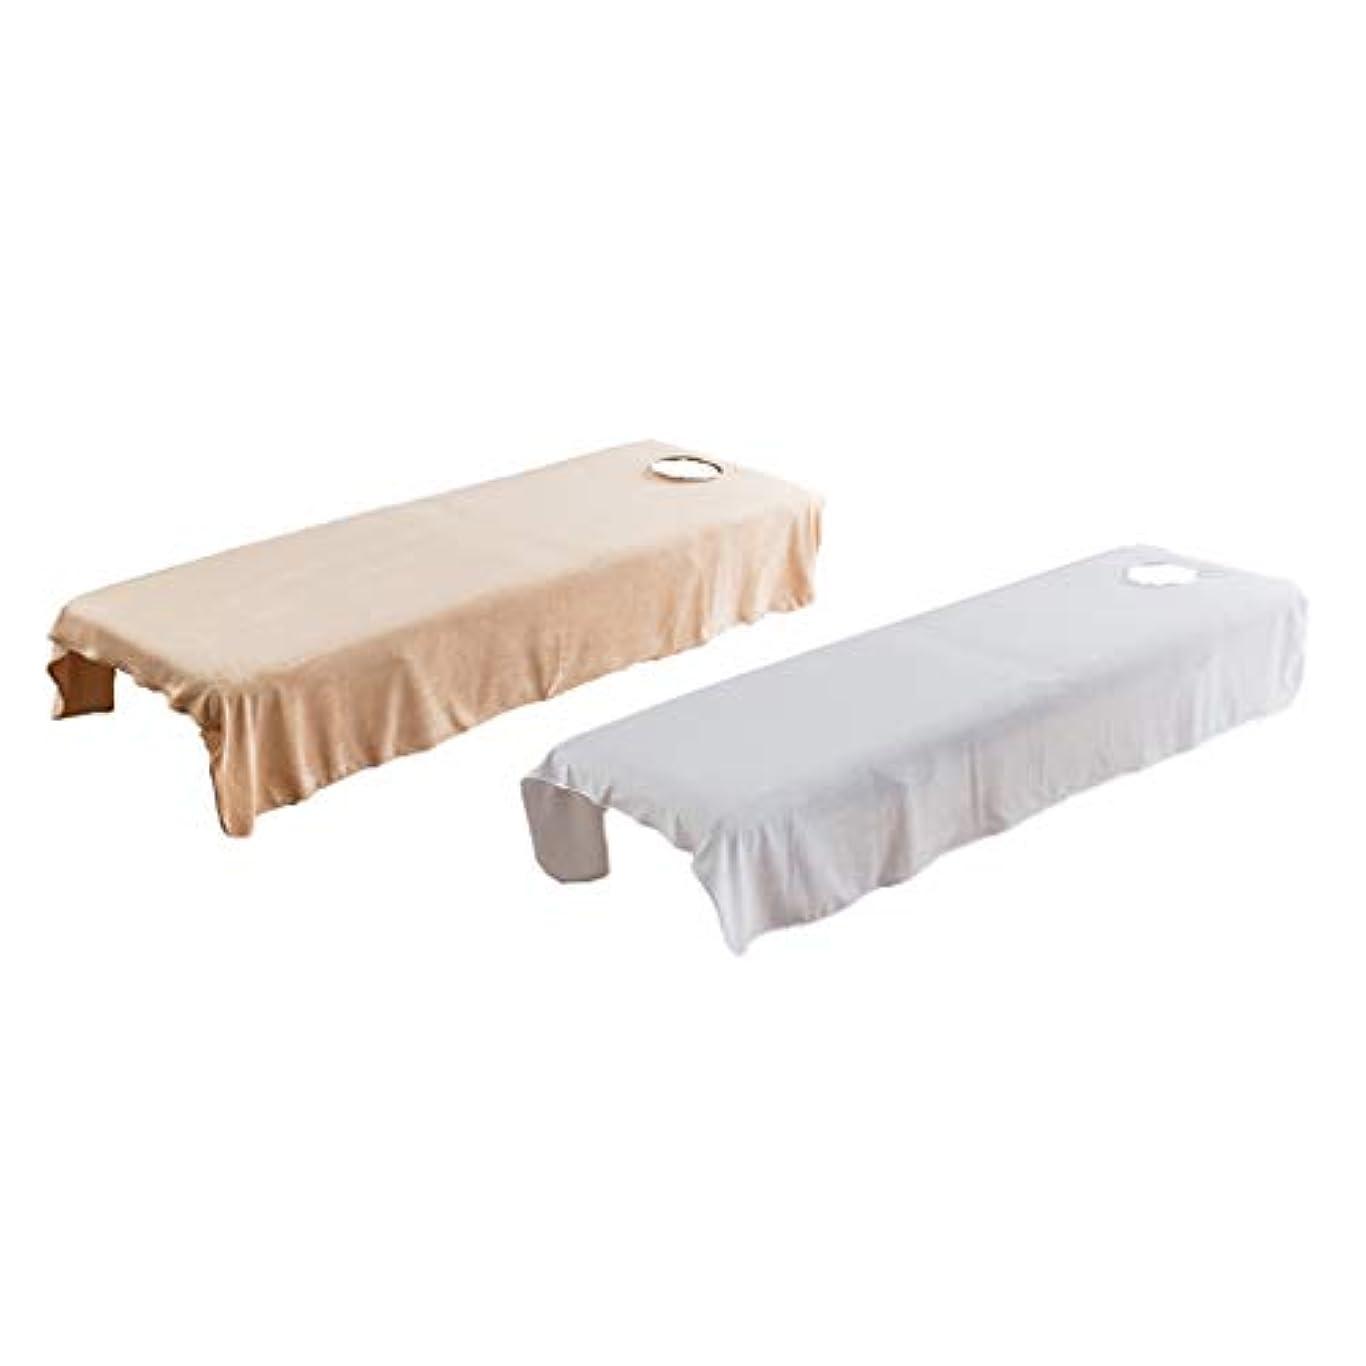 鳩制限されたゴージャスマッサージベッドカバー 有孔 2枚 美容ベッドカバー スパ マッサージベッドスカート 2色セット